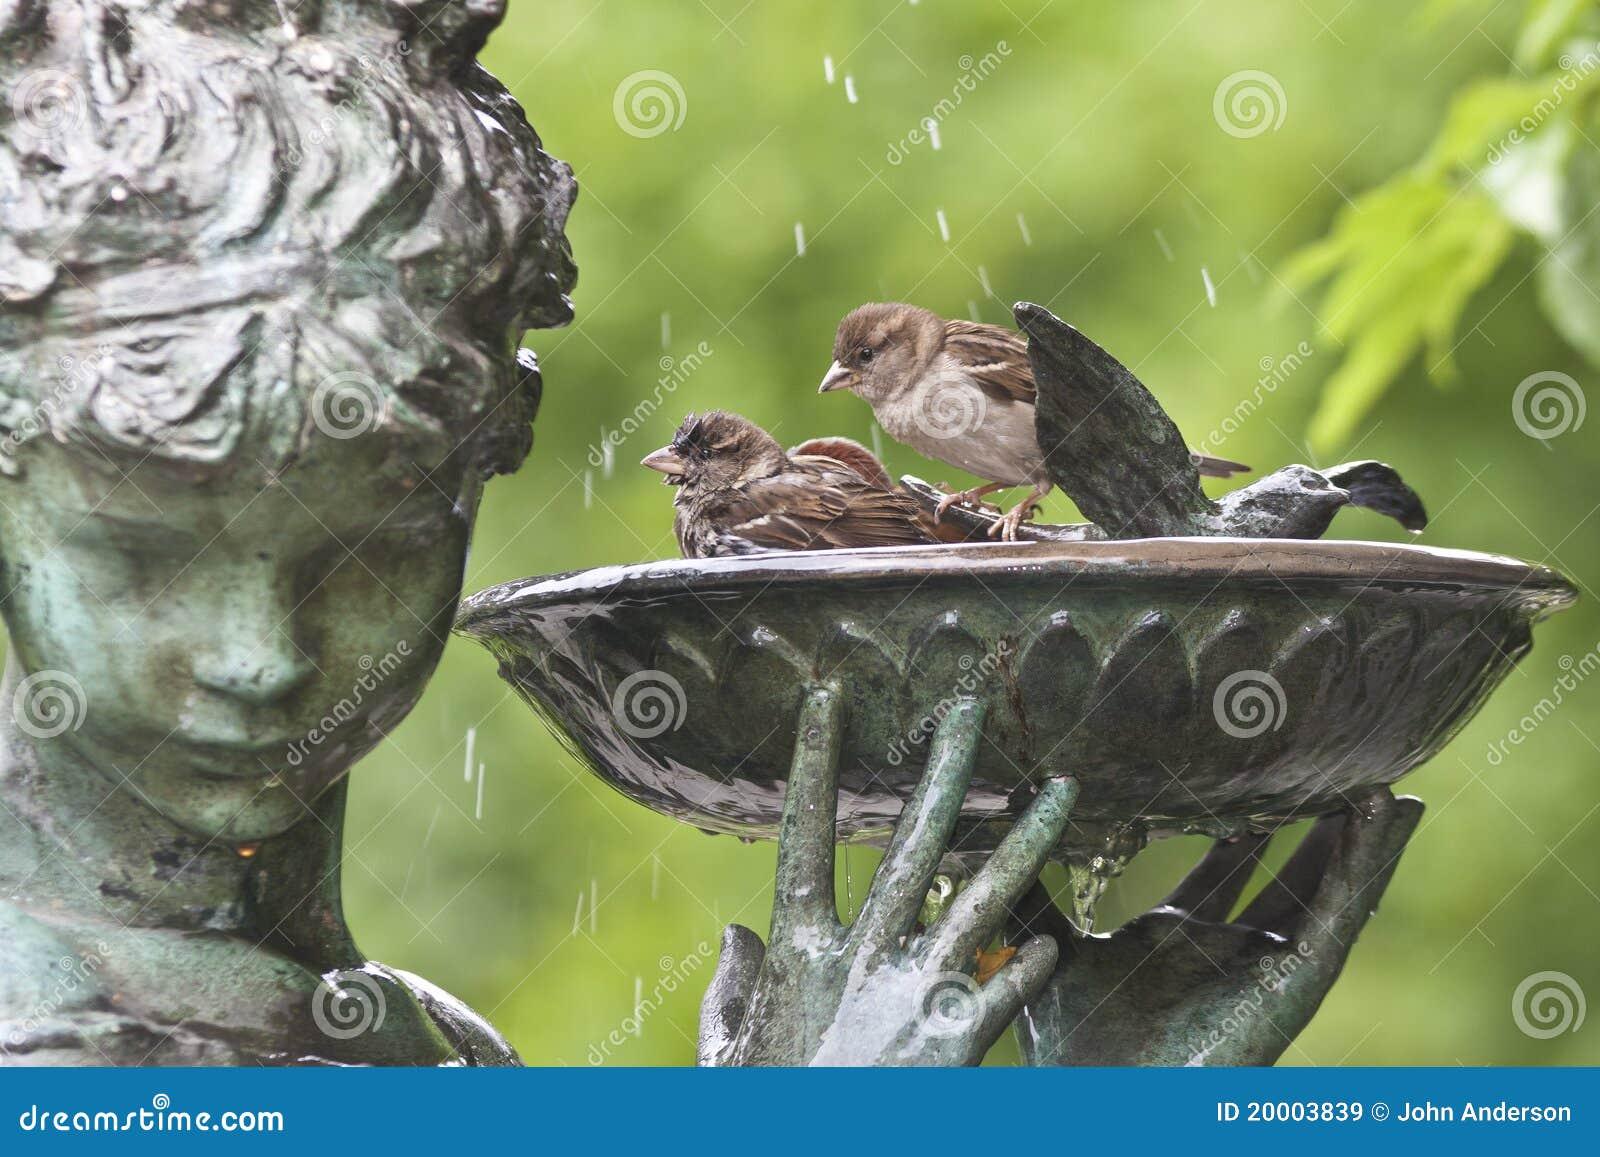 moineaux dans le bain d 39 oiseau image stock image 20003839. Black Bedroom Furniture Sets. Home Design Ideas